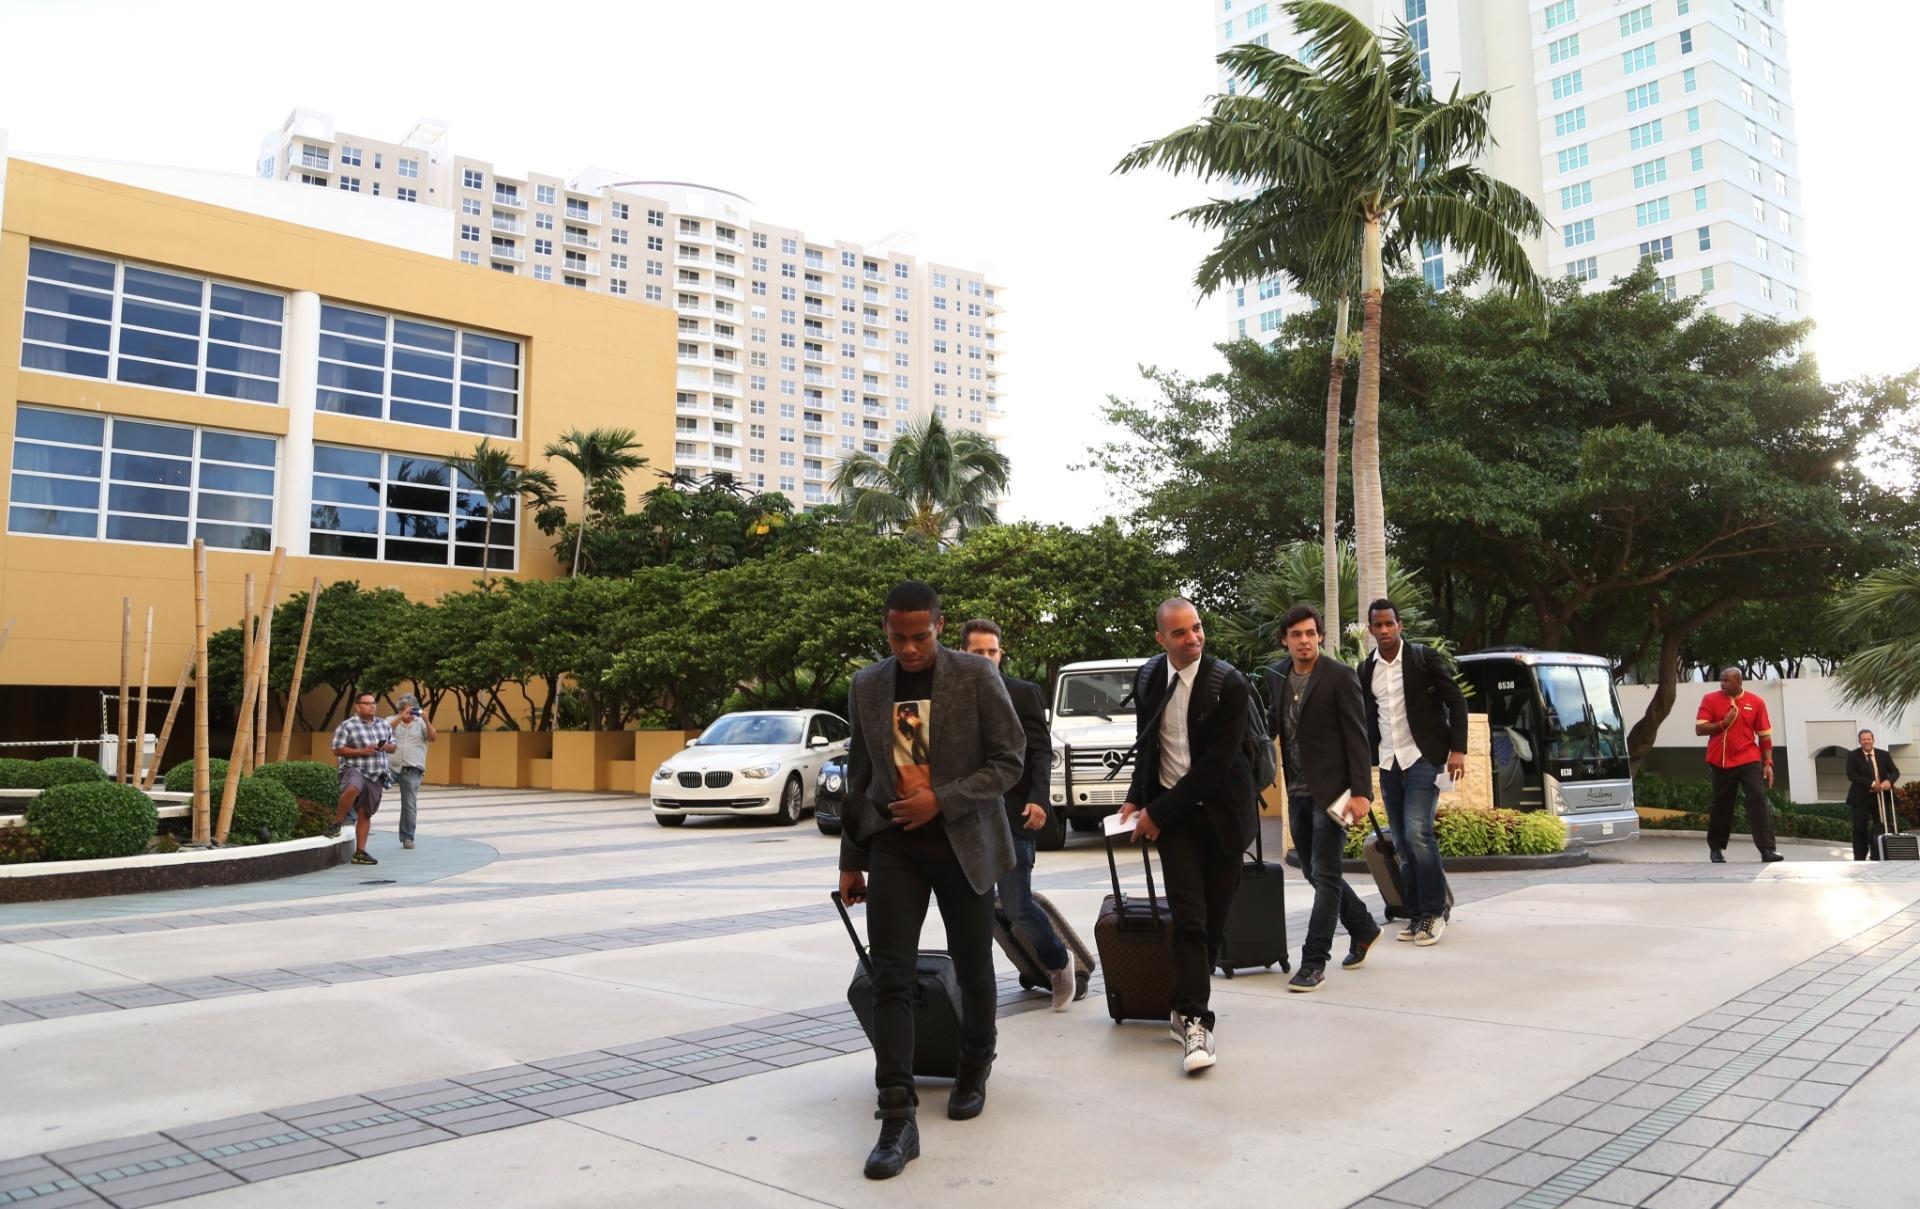 01. set. 2014 - Jogadores chegam ao hotel em Miami. Time fará amistosos contra Colômbia e Equador